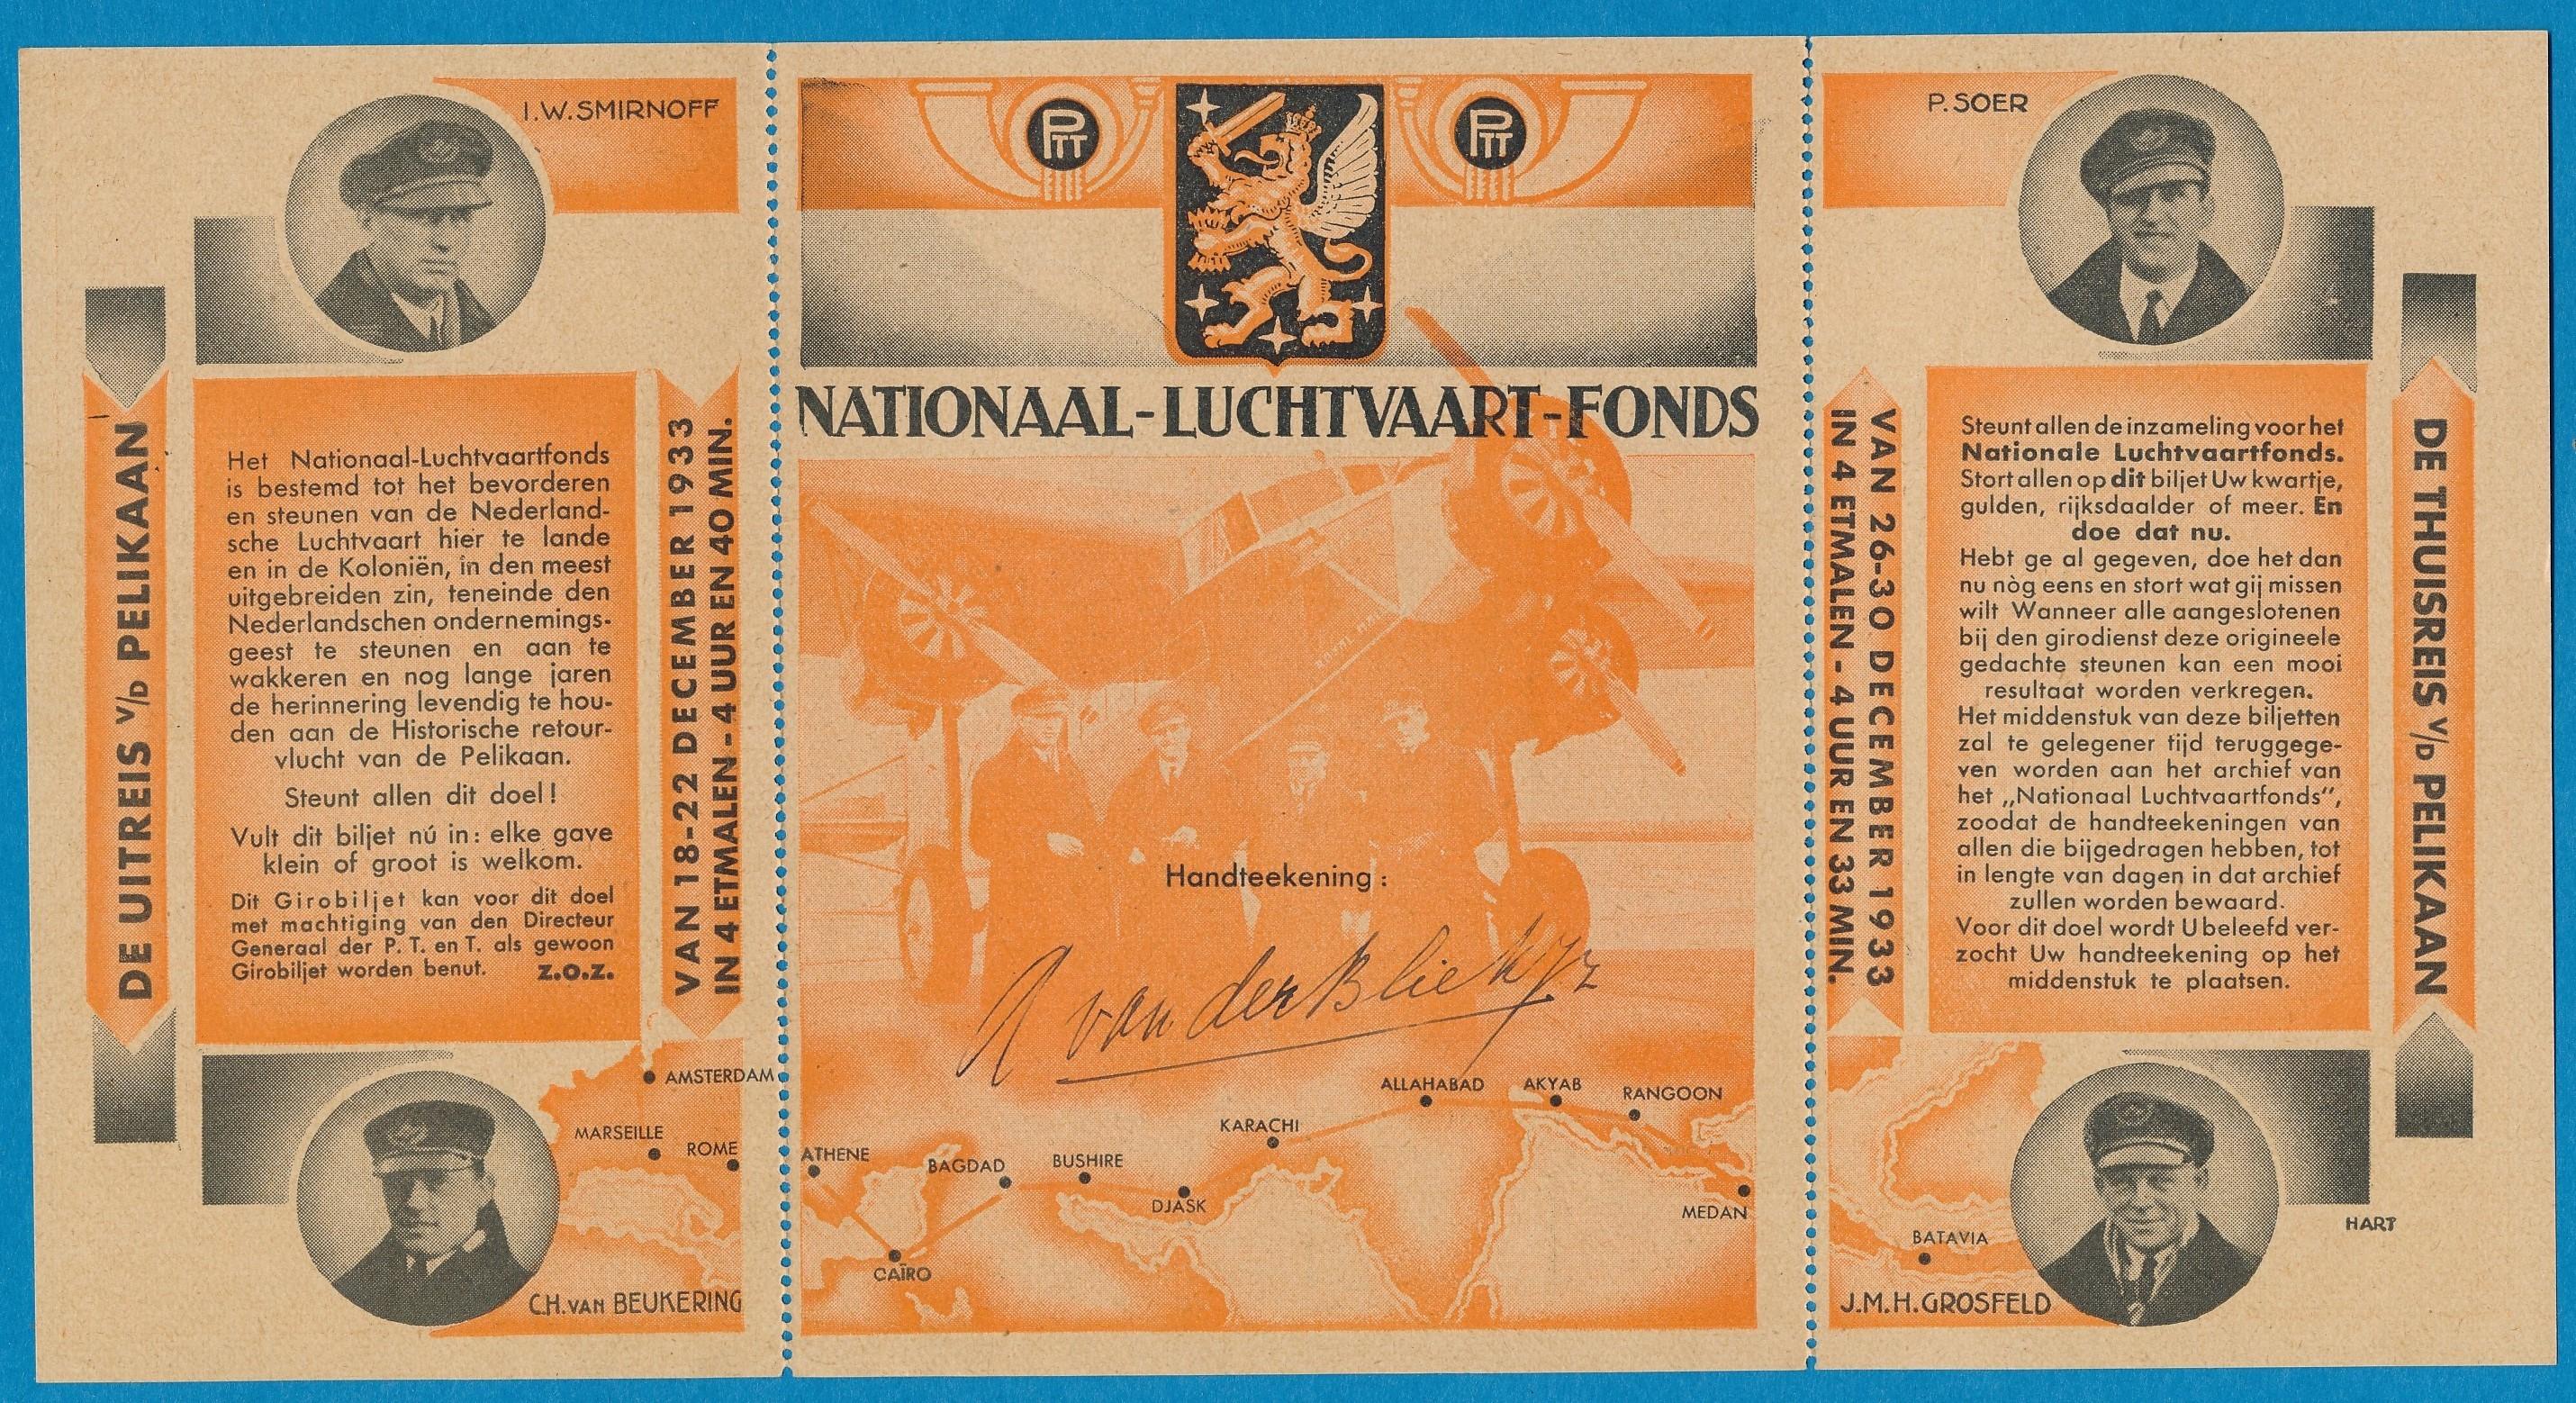 NEDERLAND bijdrage formulier voor Nationaal Luchtvaart Fonds 1933 NL4380